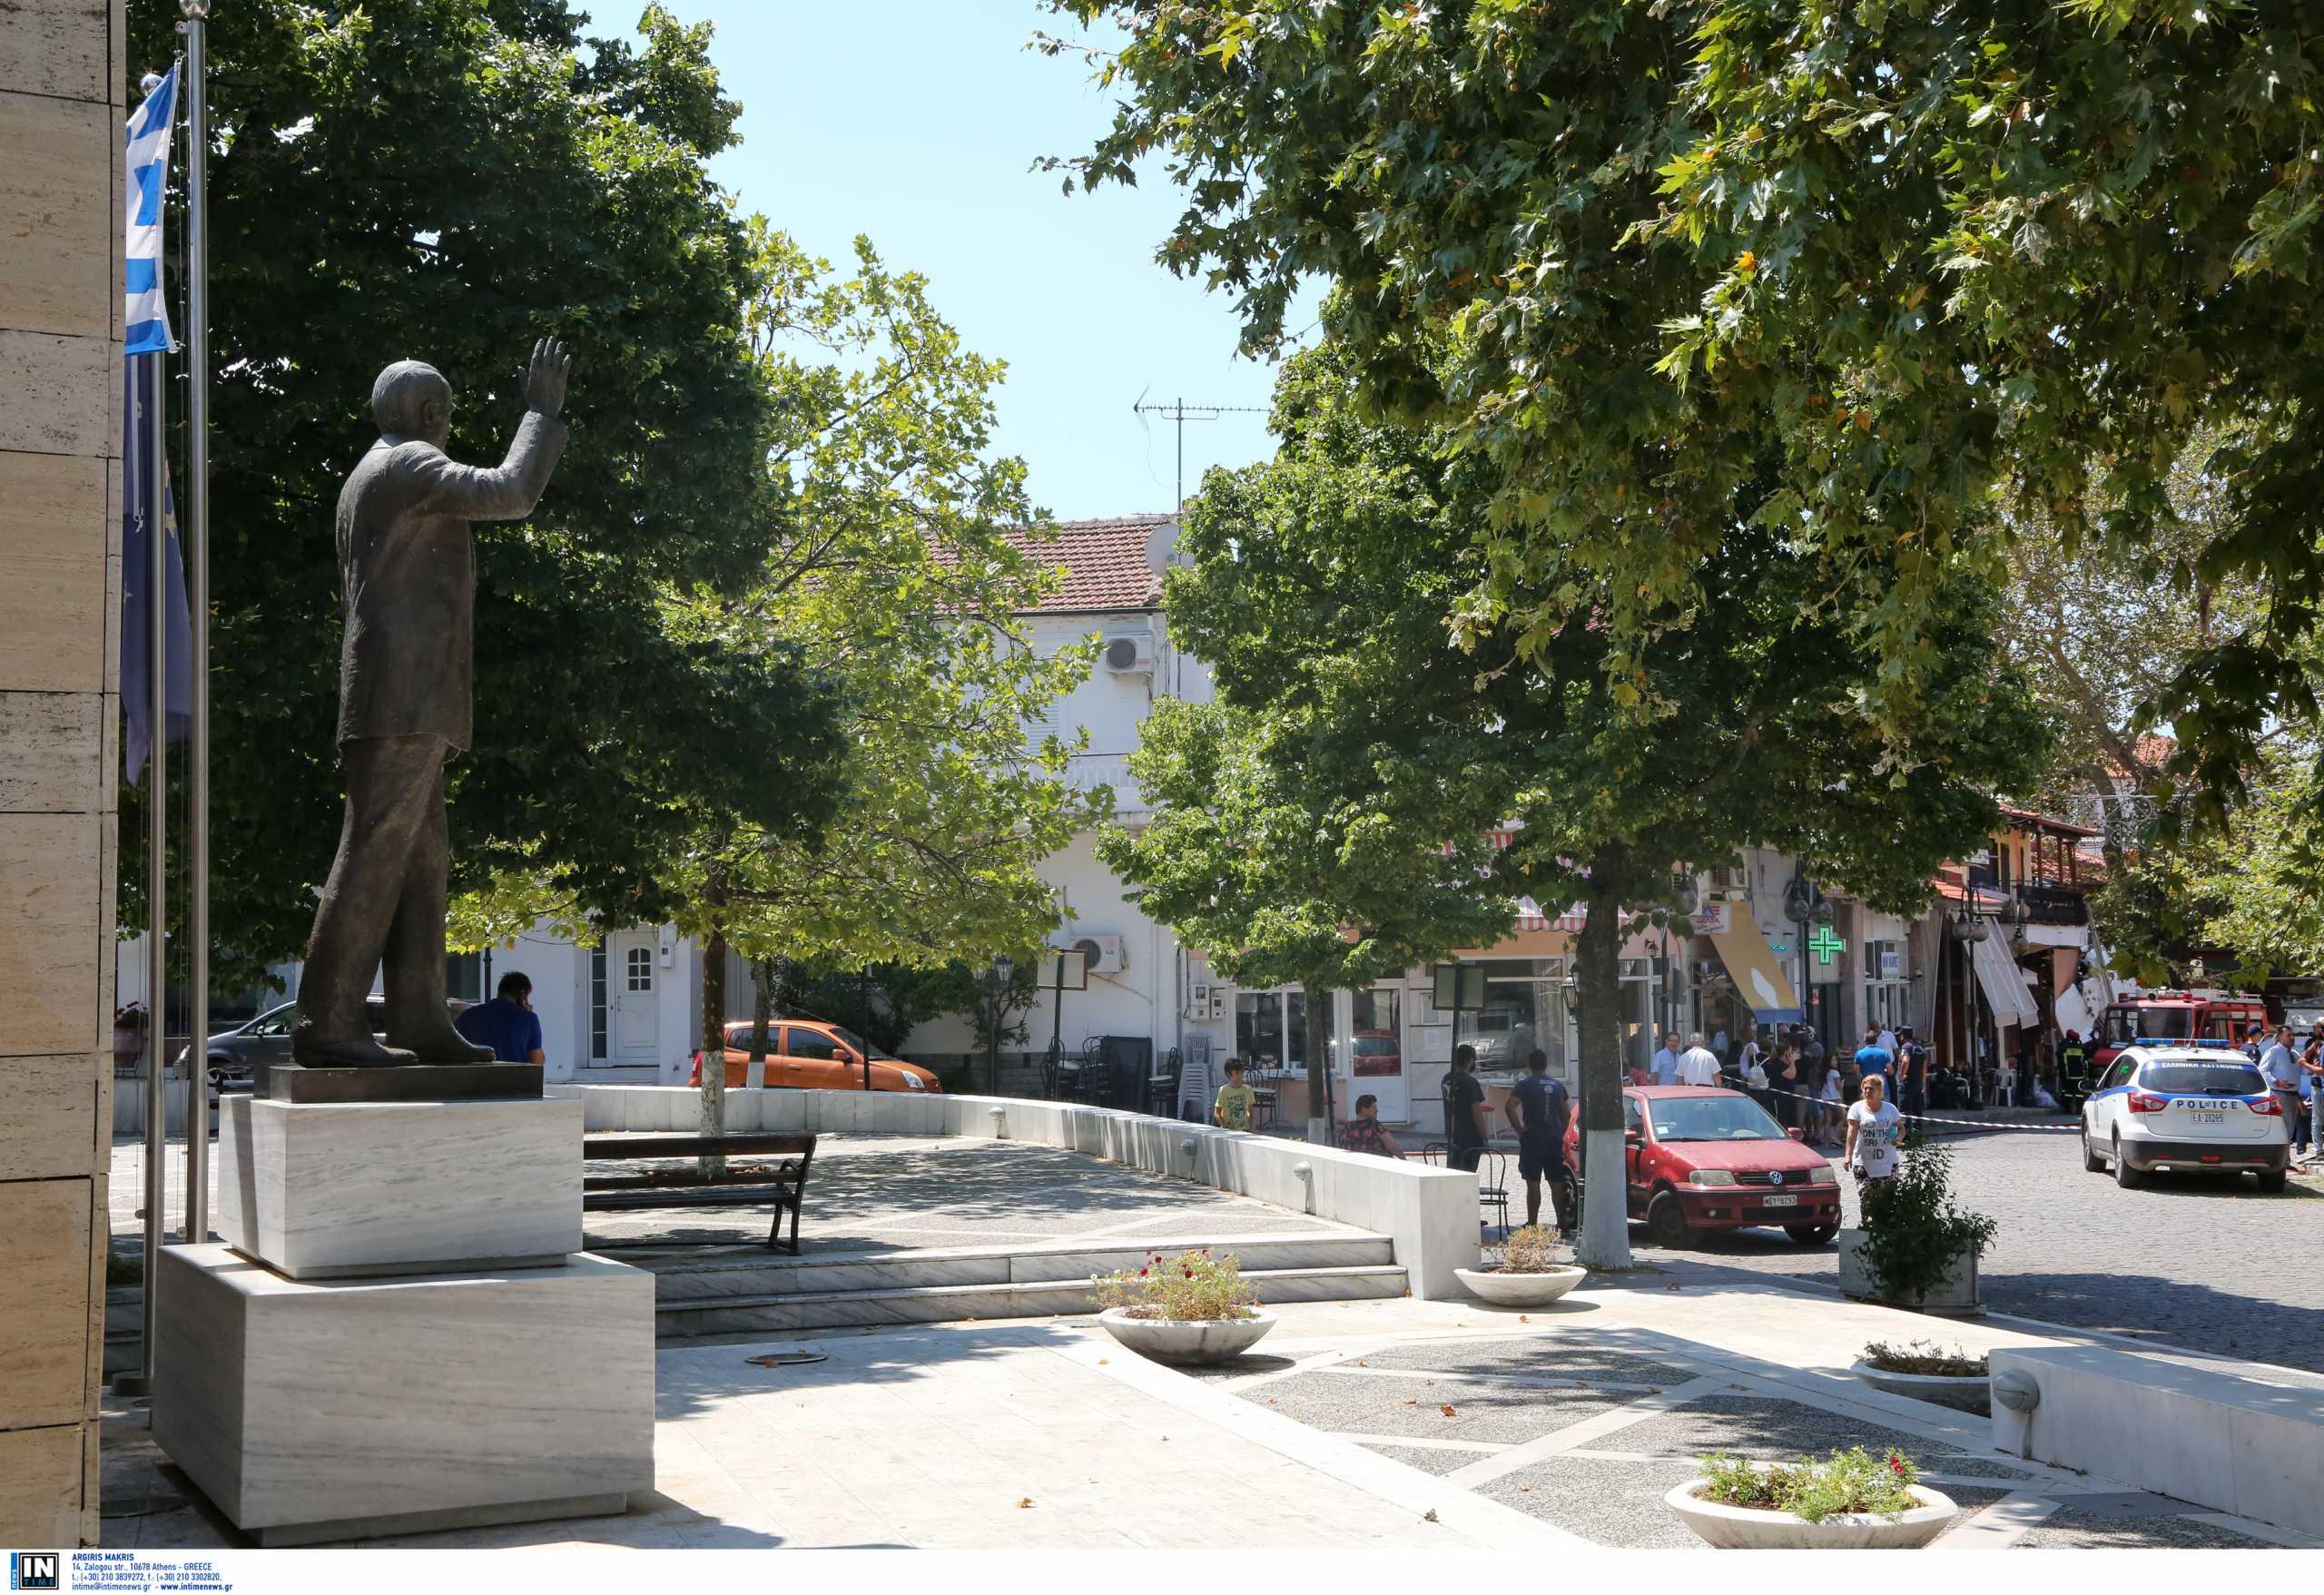 Κορονοϊός: Προληπτικά μέτρα ή περιορισμό στις μετακινήσεις ζητεί ο δήμαρχος Σερρών